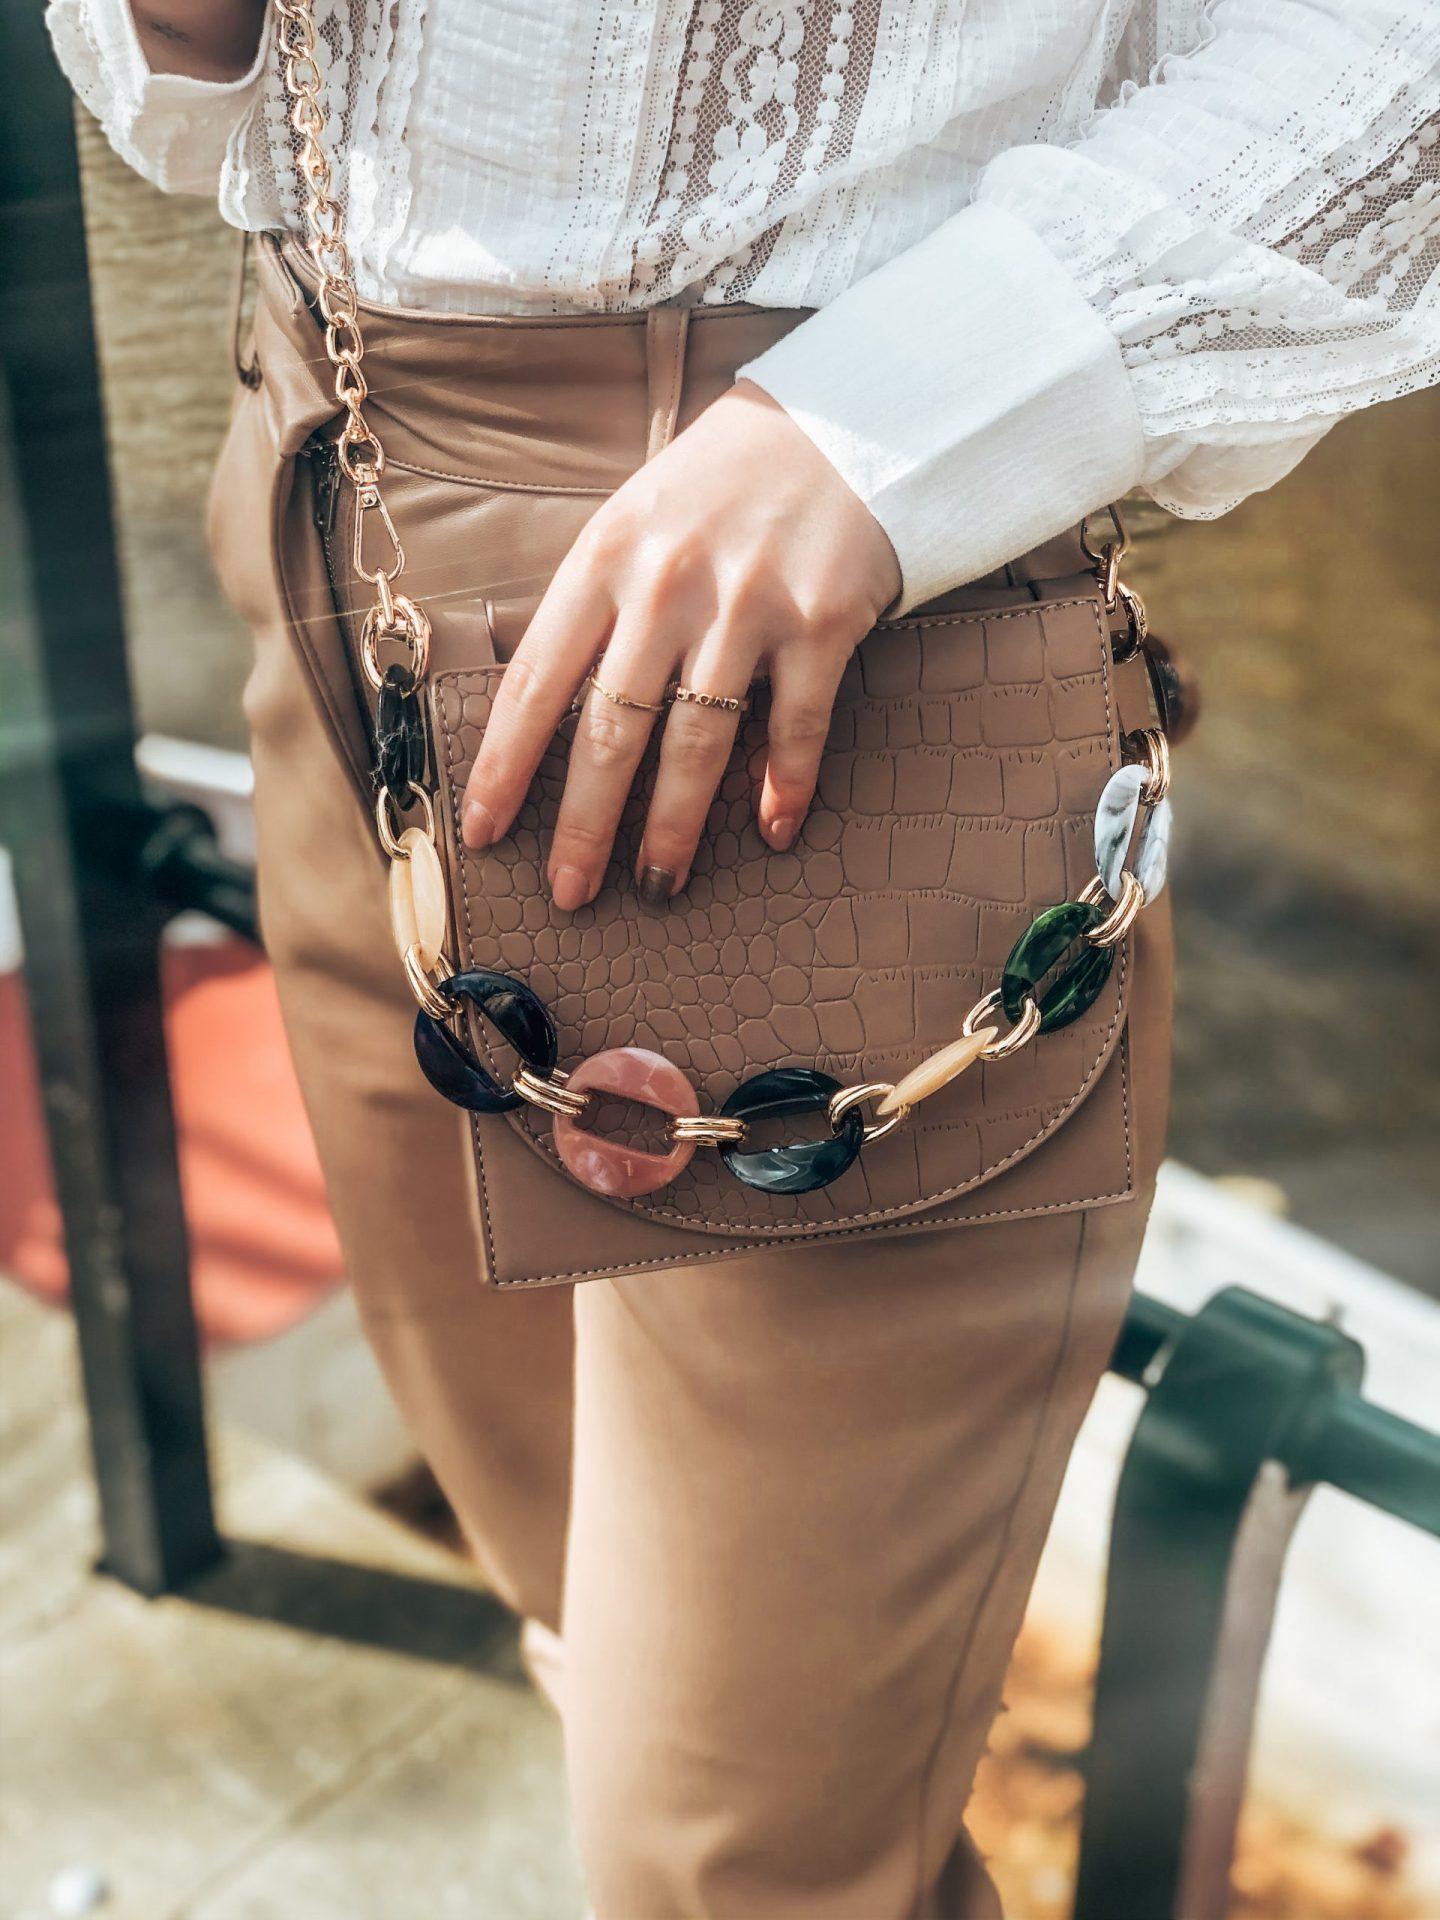 tas, tasje, Jewels & Couture, online shoppen, ootd, outfit, schoudertas, handtas, xmariekie, blogger, rotterdam, schiedam, weekendje weg